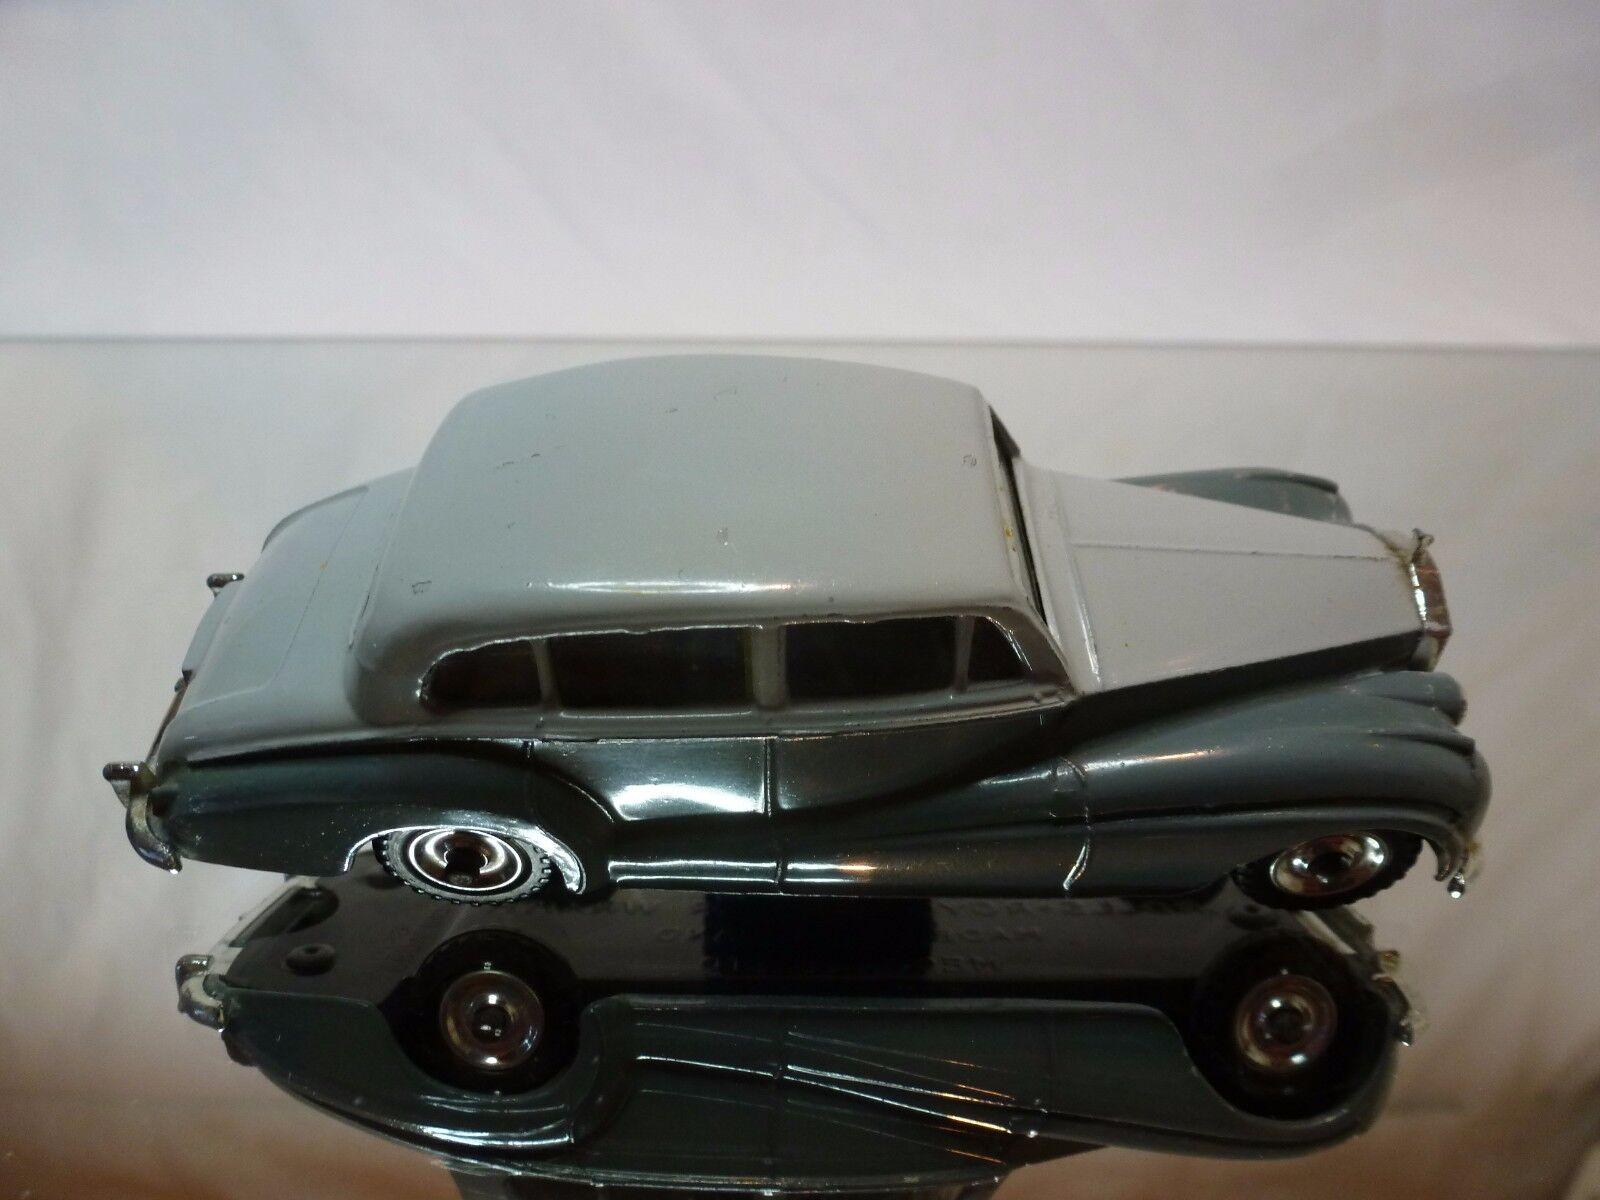 DINKY TOYS 150 150 150 ROLLS ROYCE plata WRAITH - gris 1 43 - GOOD CONDITION a4d96d